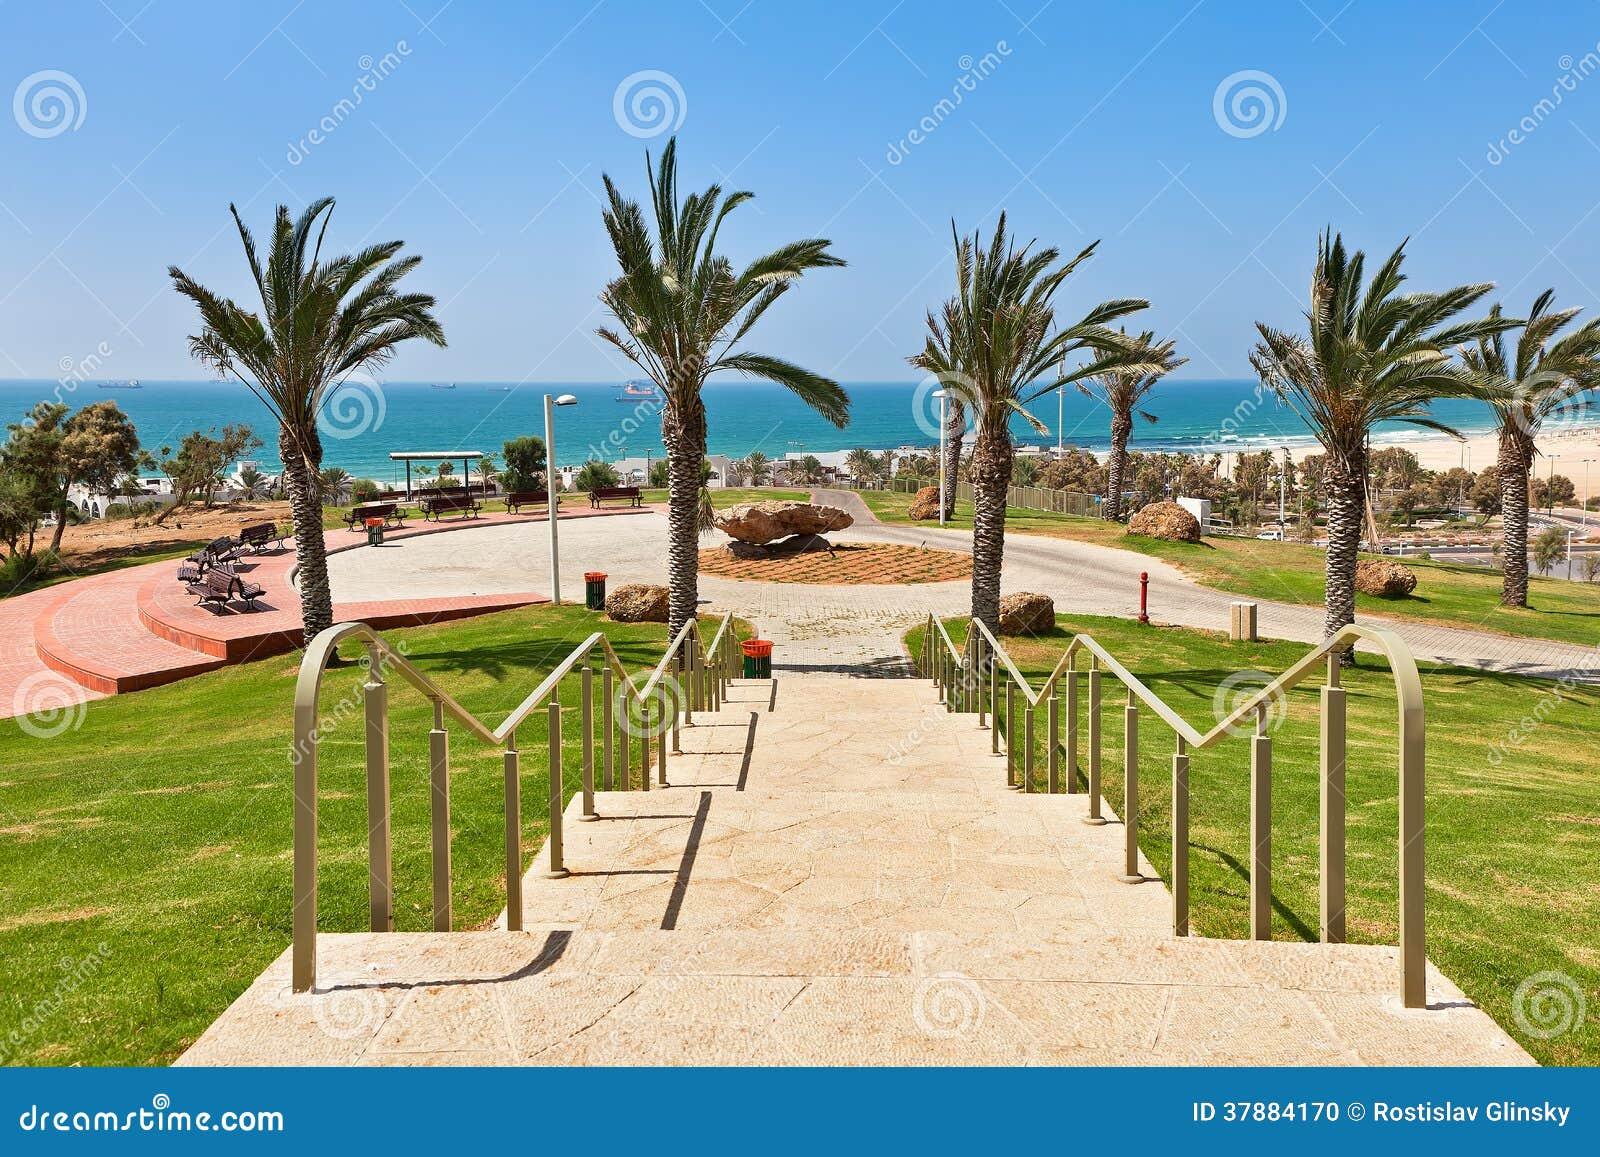 Αστικό πάρκο σε Ashdod, Ισραήλ.